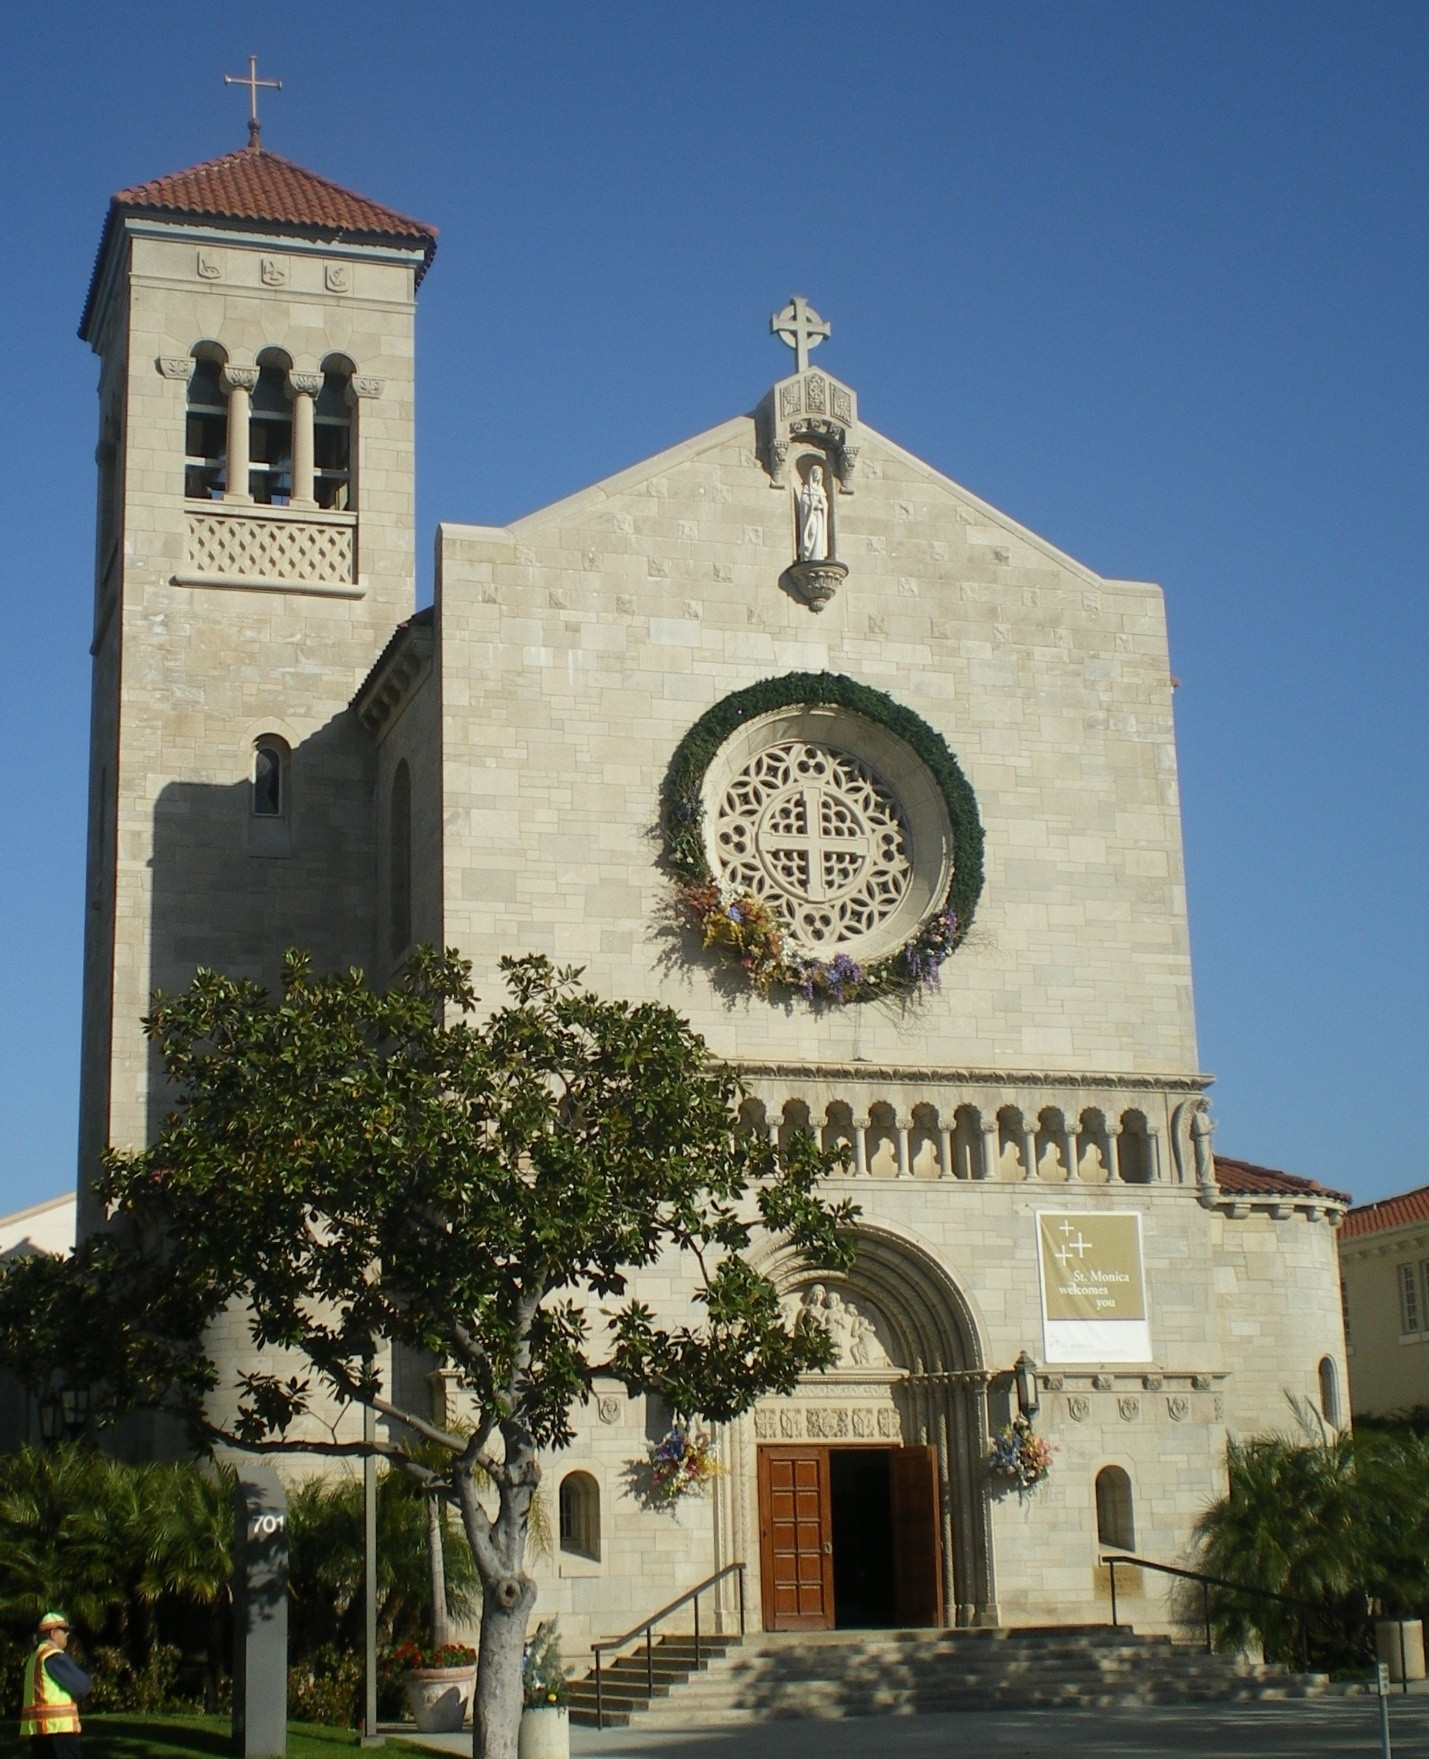 St. Monica Catholic Church Building Image image